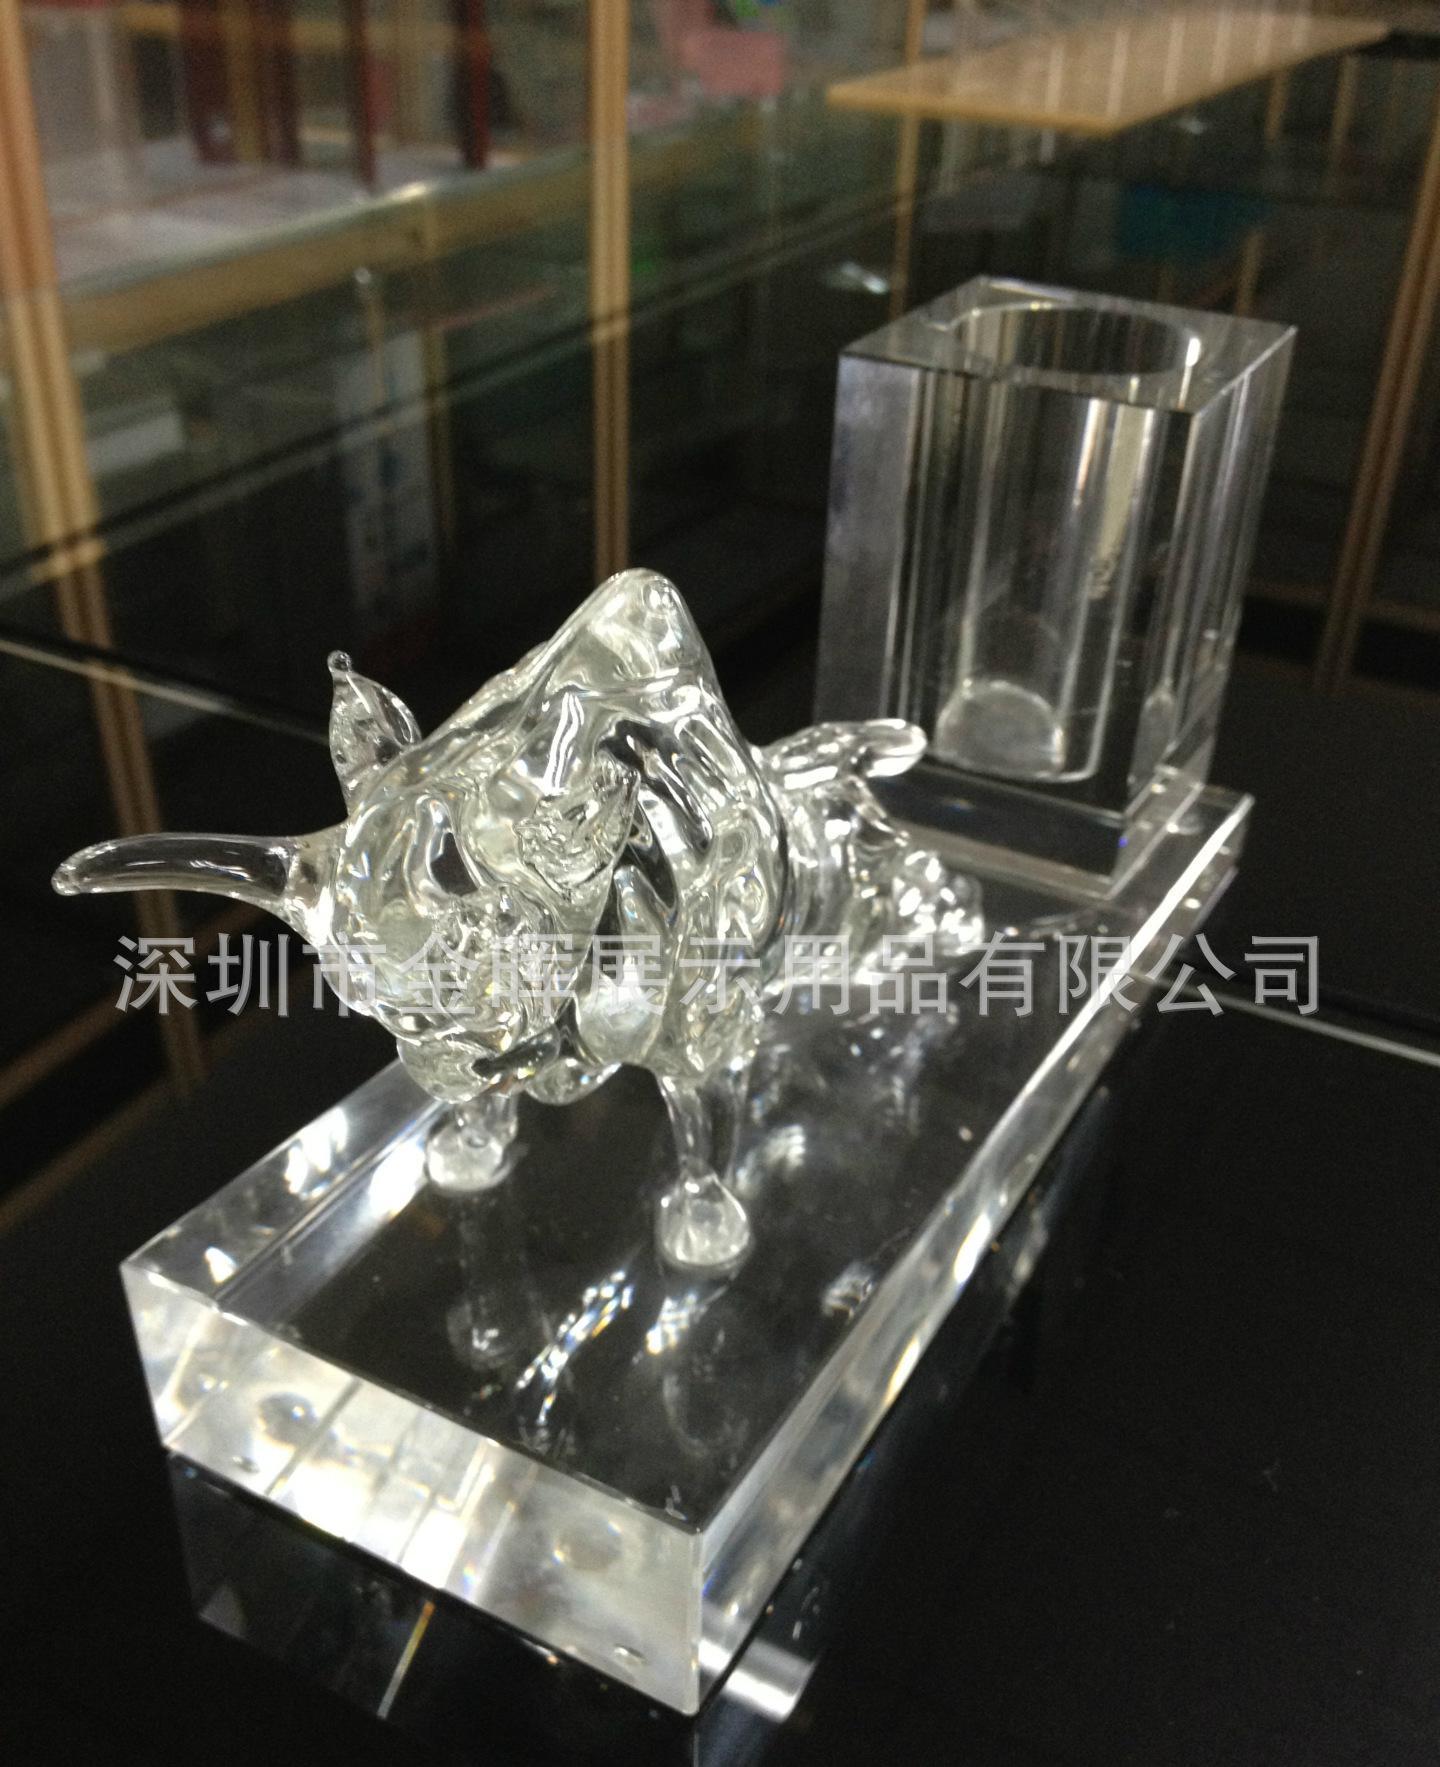 亚克力  有机玻璃笔筒  水晶笔筒 摆件 高档水晶纪念庆典礼品